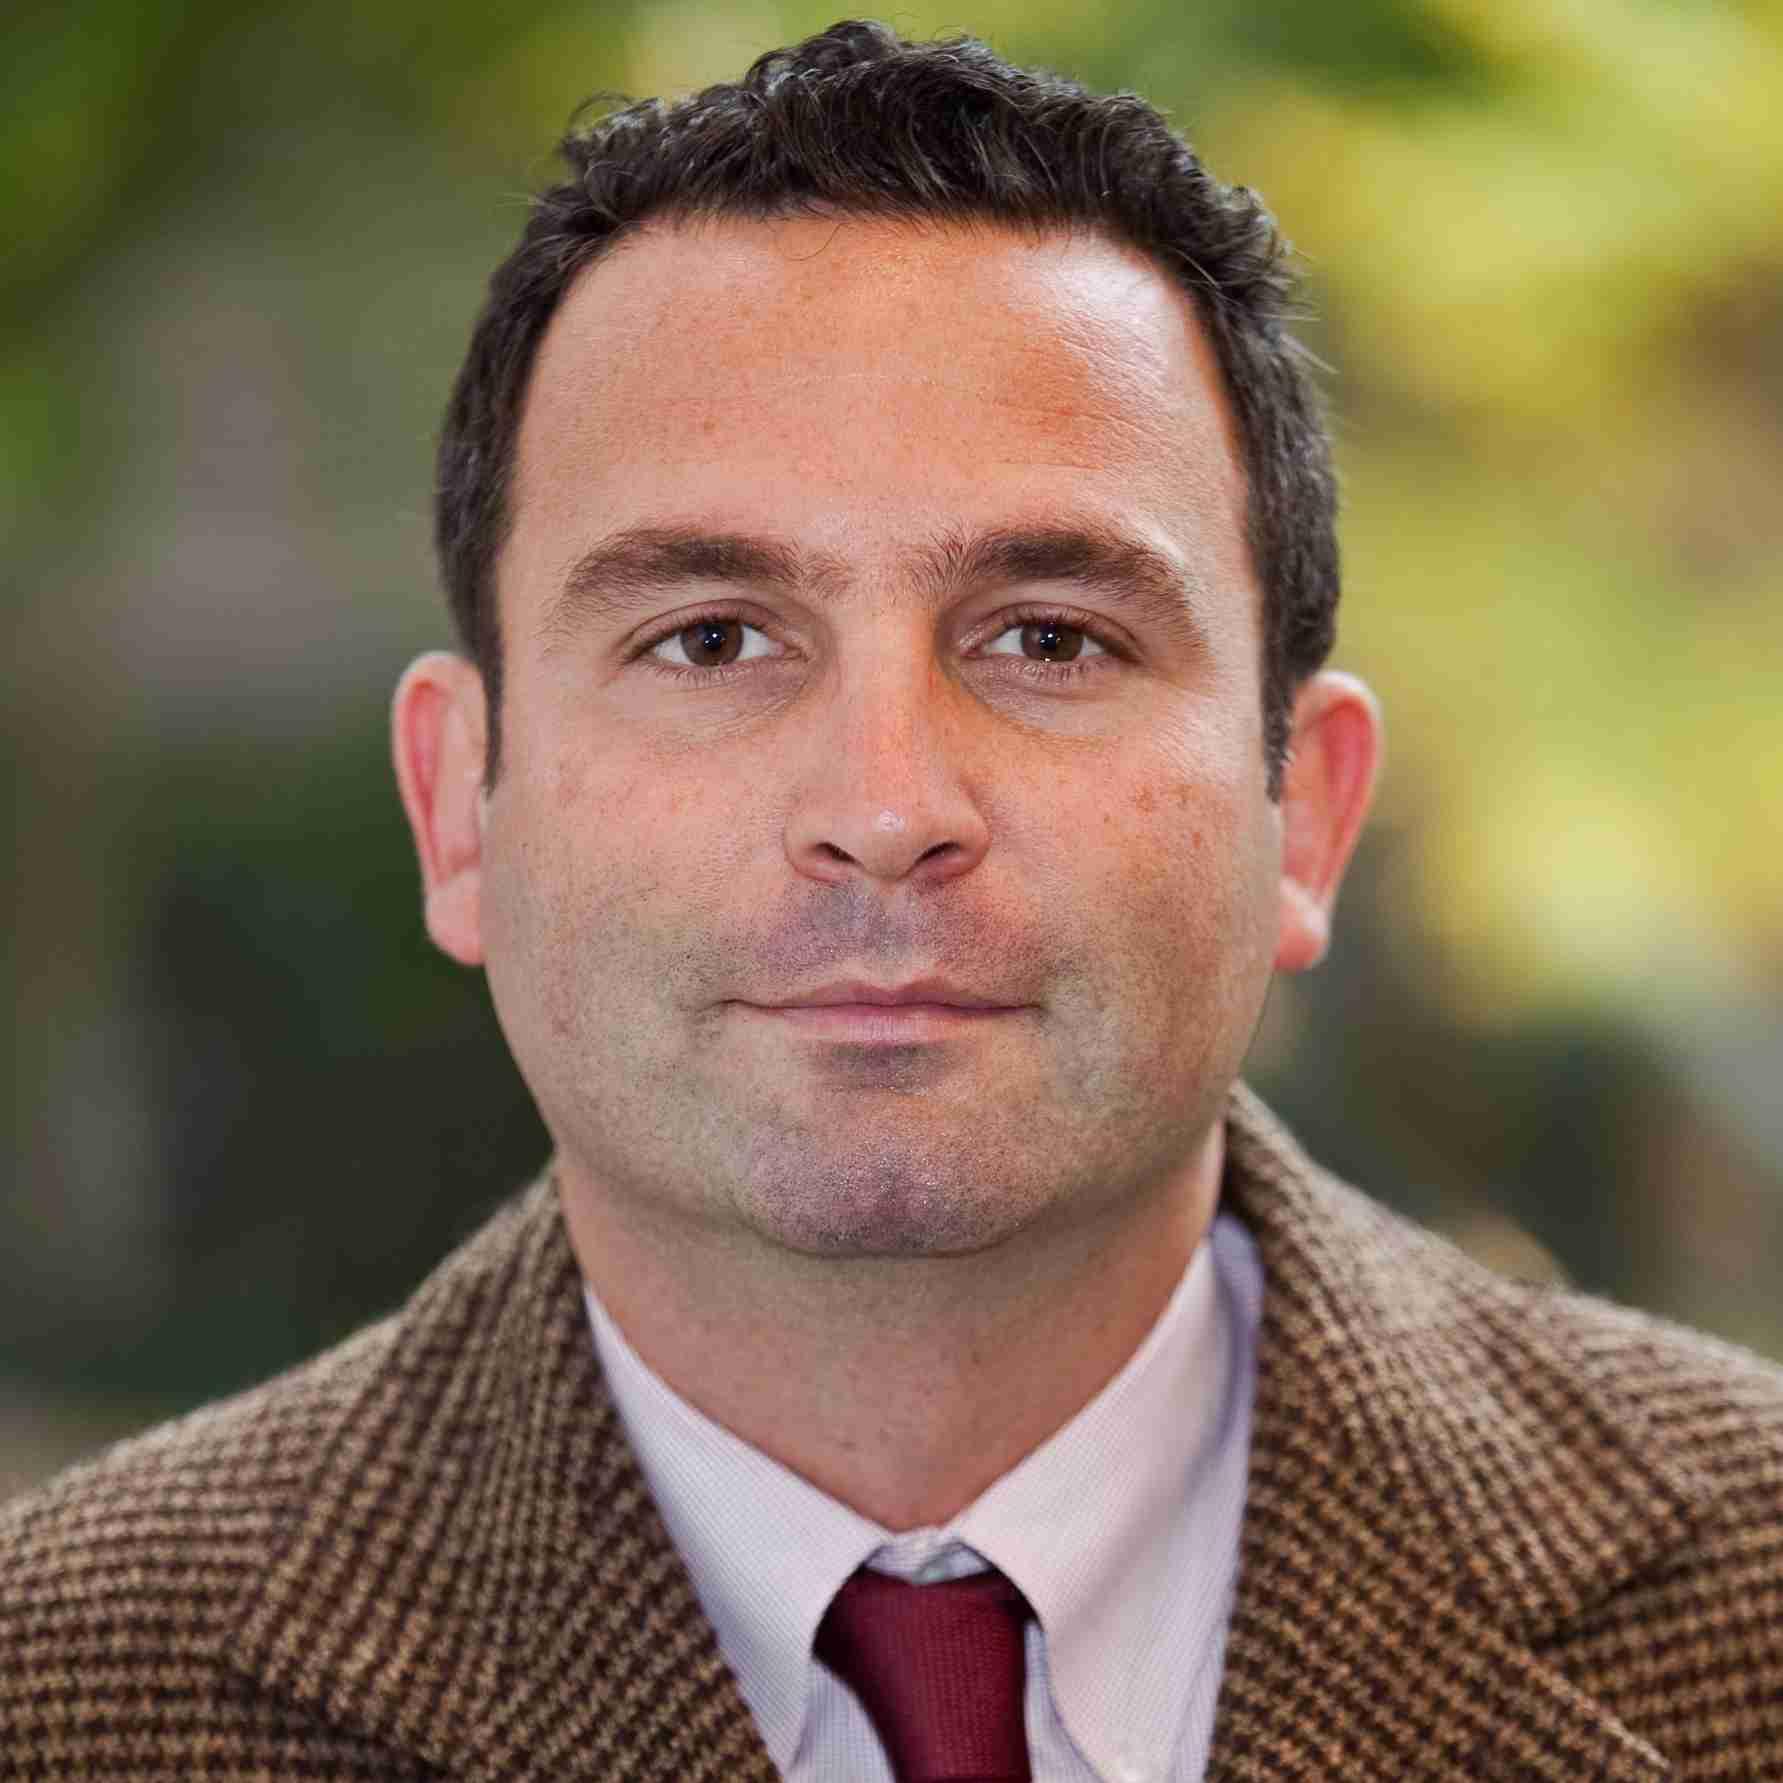 Omer Taspinar headshot